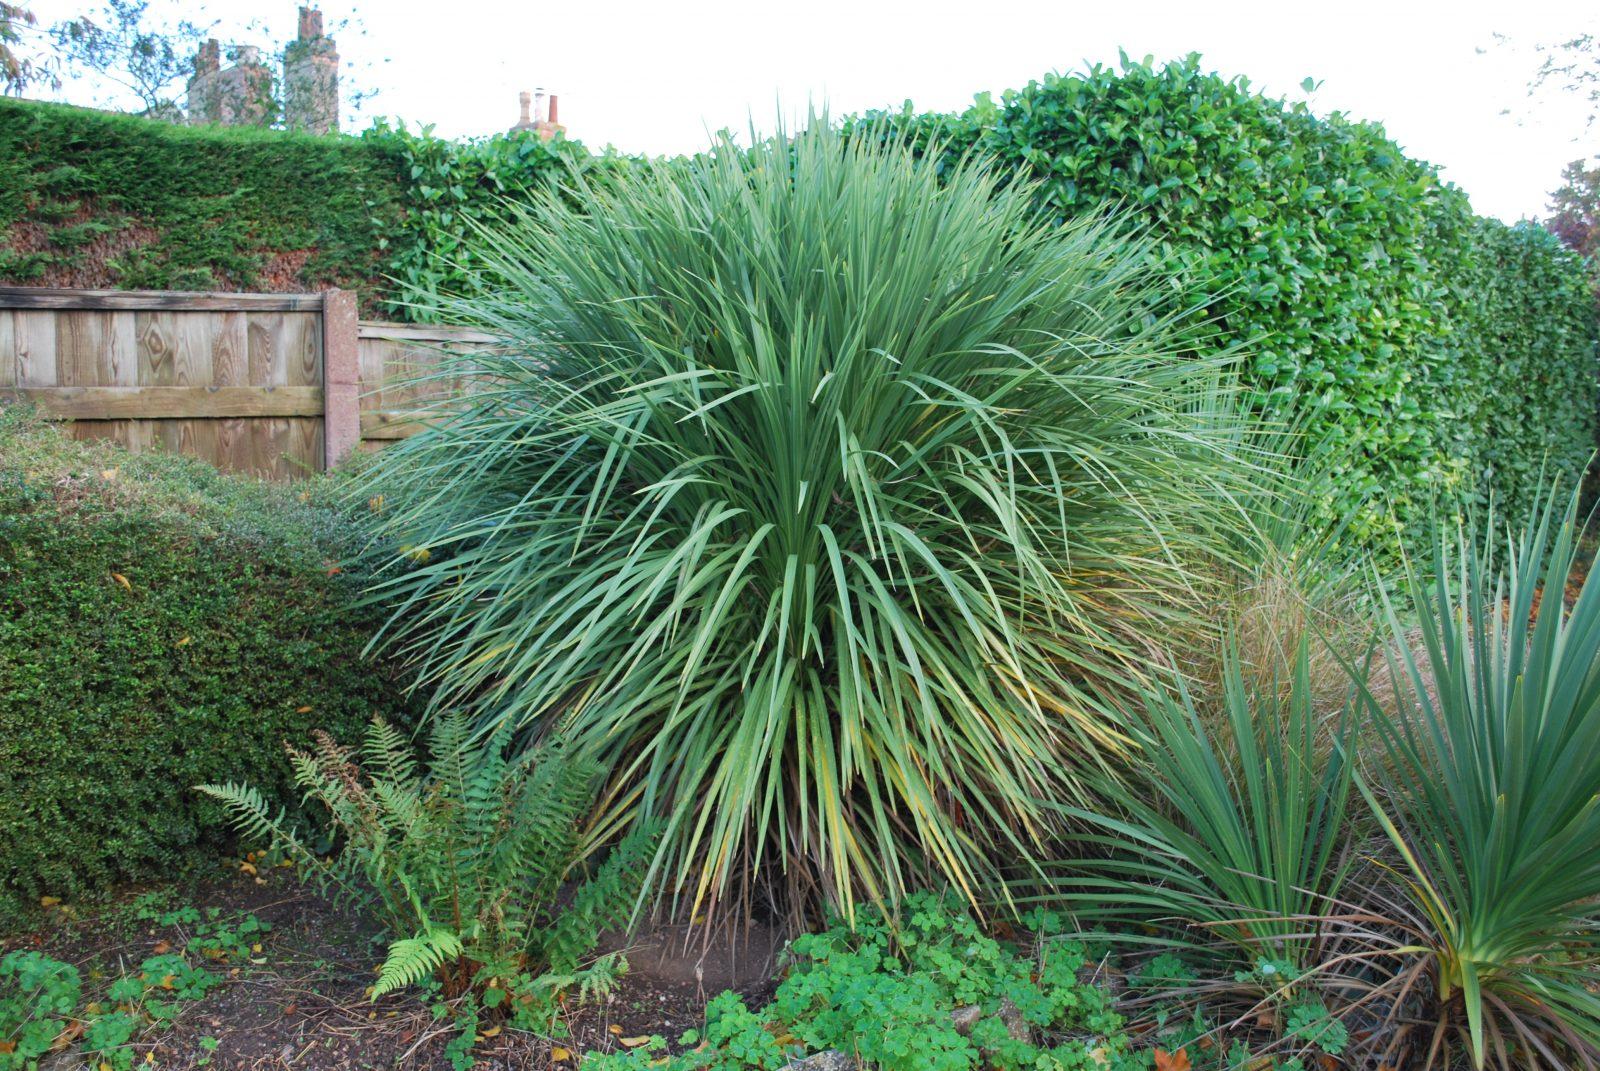 Cordyline Australis Garden Shrubs For Sale Uk Letsgoplanting Co Uk